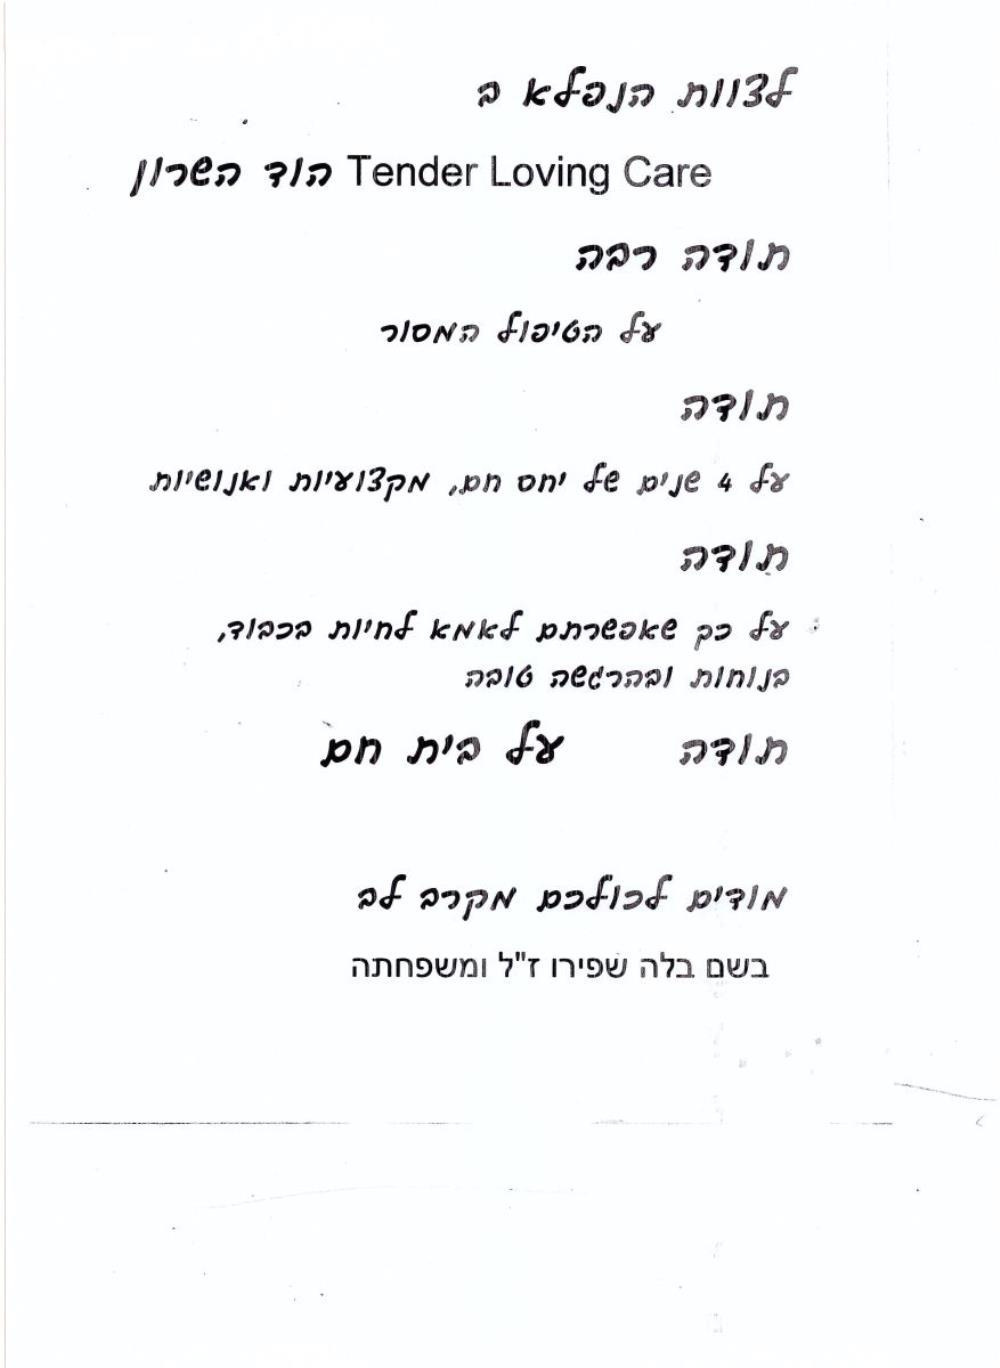 בלה שפירו 2345